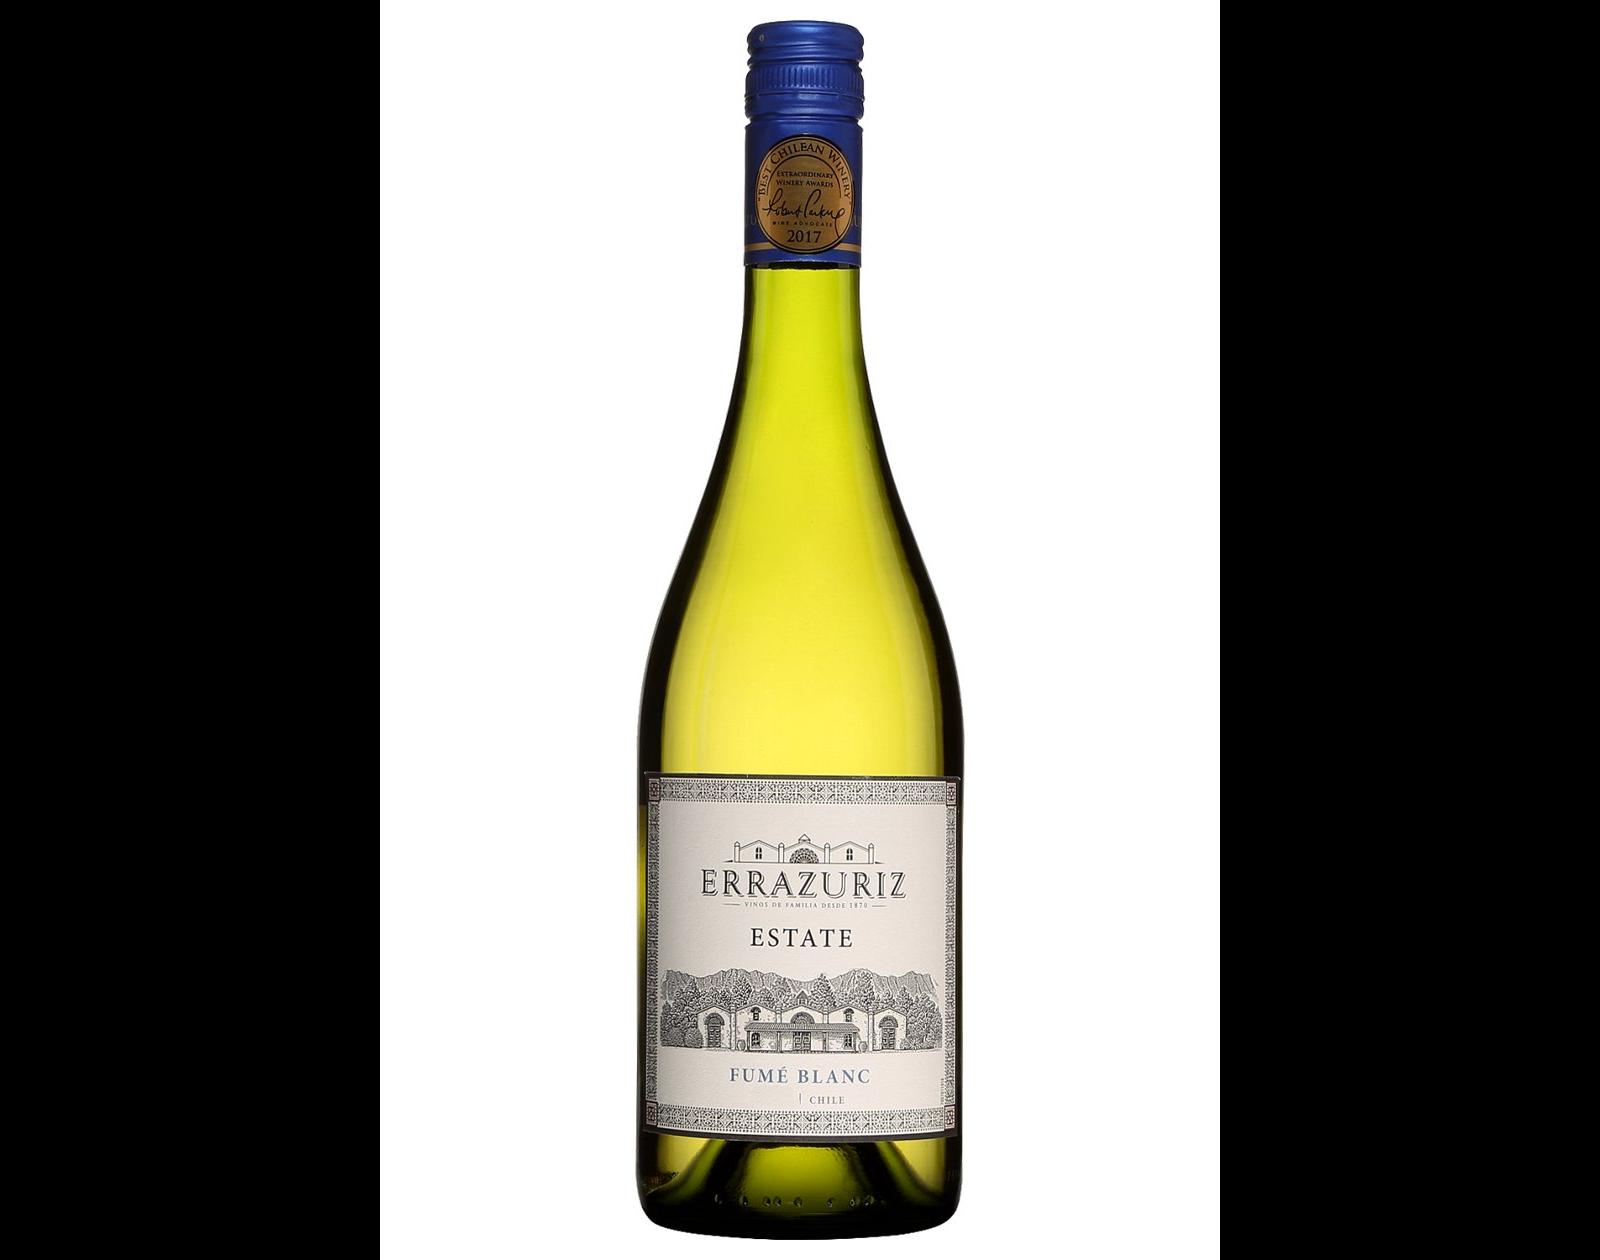 bouteille de vin blanc Errazuriz Fumé Blanc